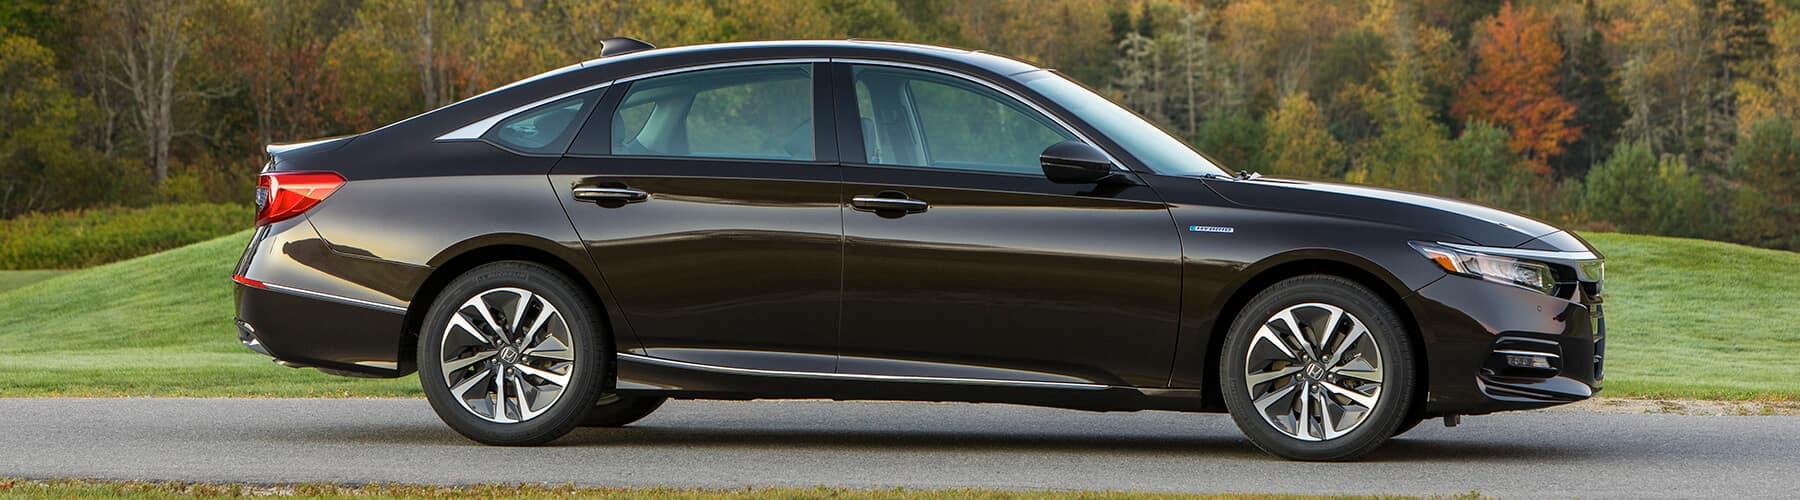 2020 Honda Accord Hybrid Slider